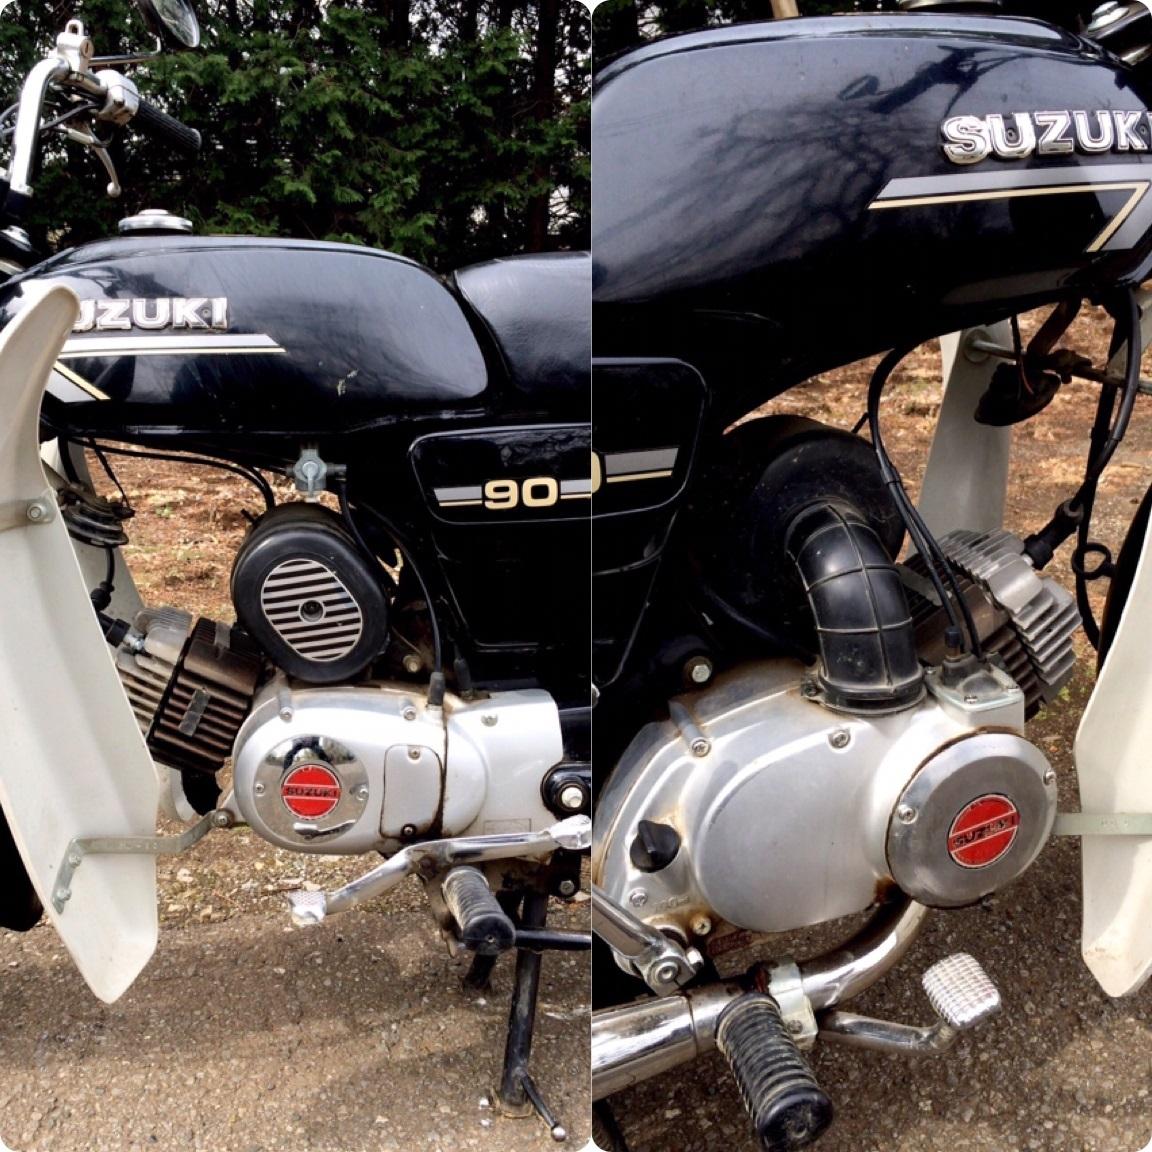 実働ベース  スズキ K90 旧車 昭和ビジネスバイク_画像9